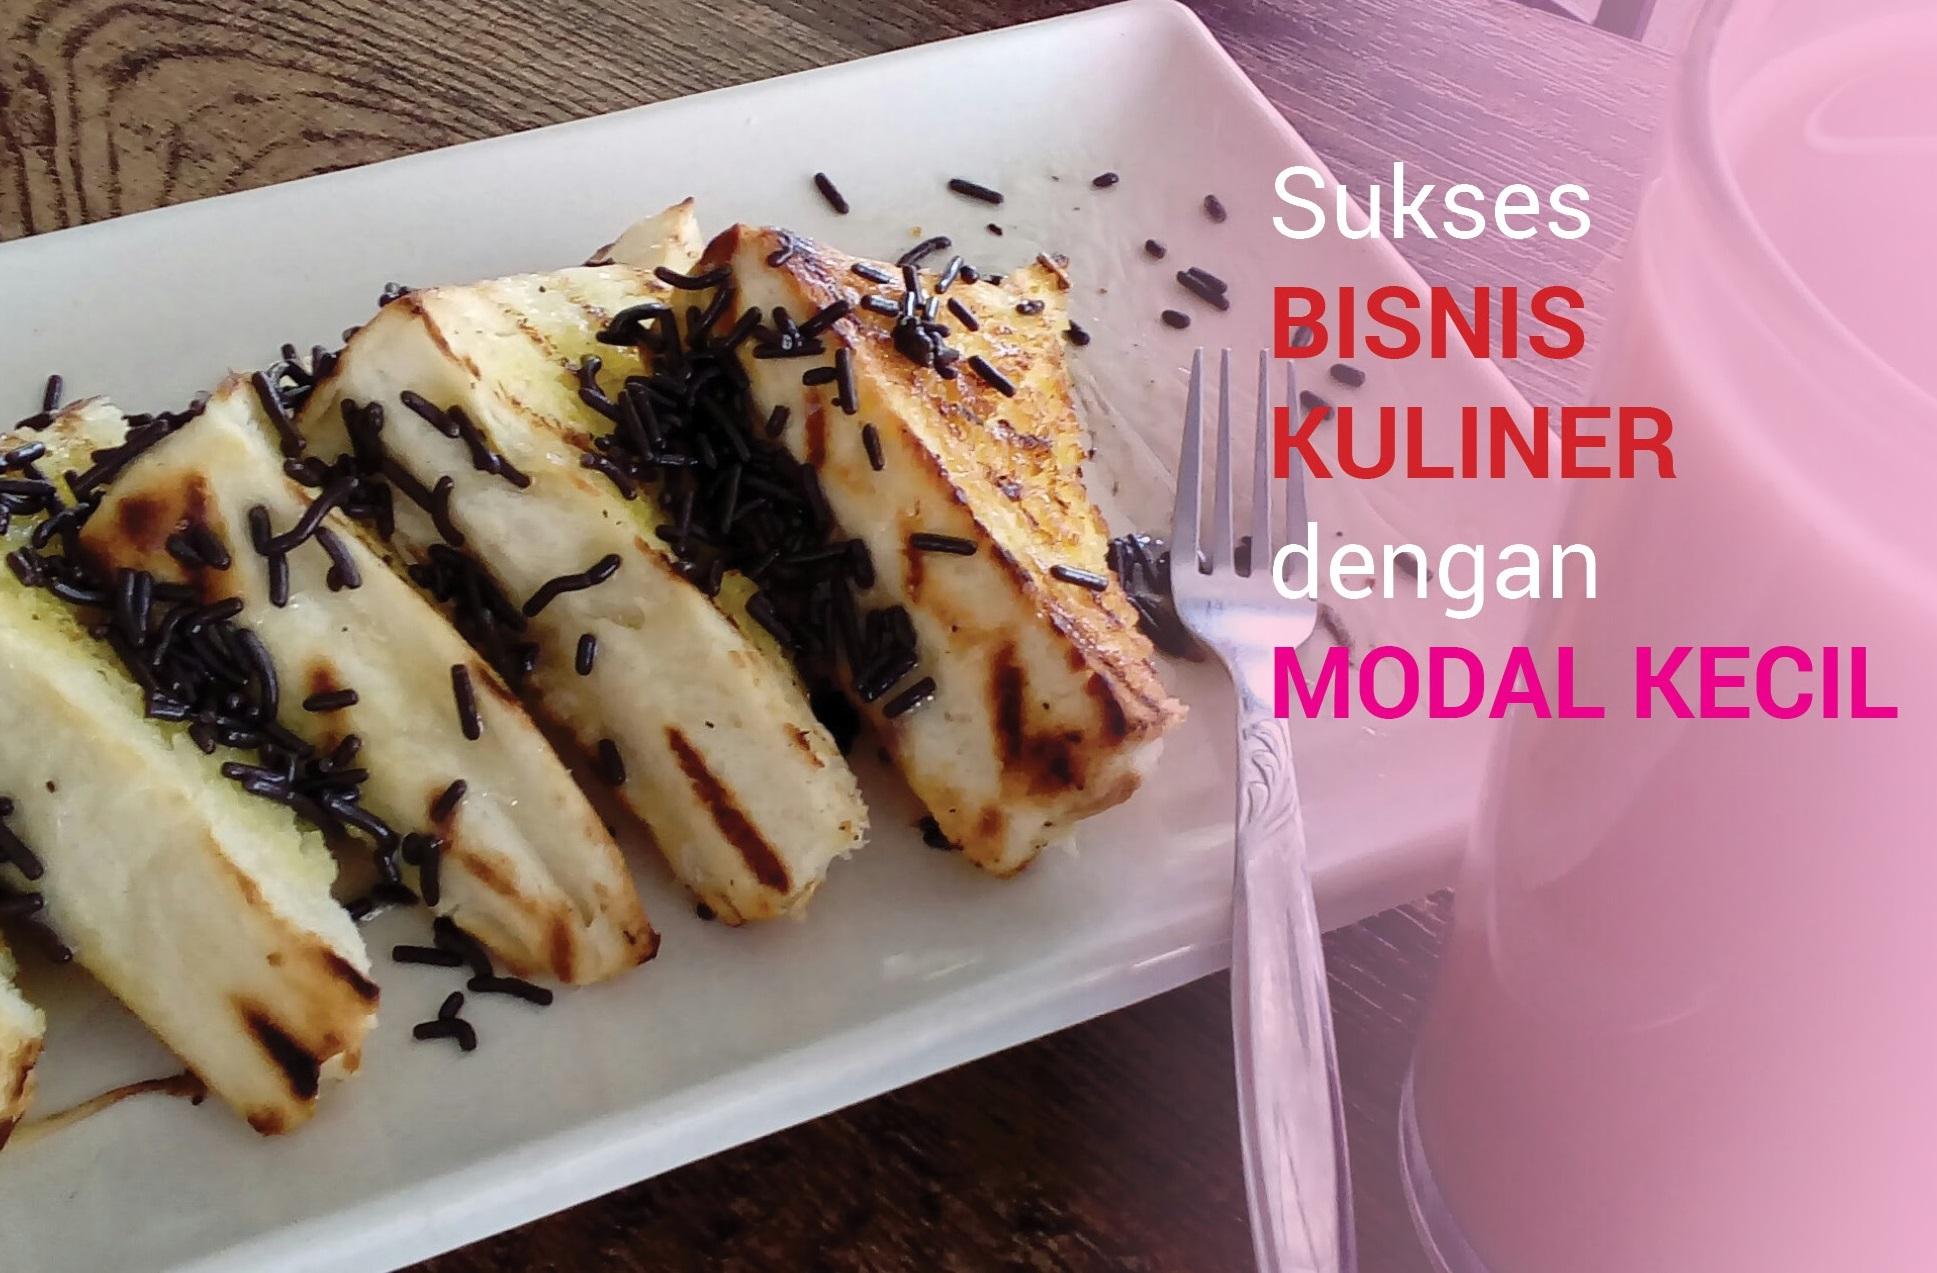 Kiat Sukses Bisnis Kuliner Dengan Modal Kecil Blog Belalang Cerewet